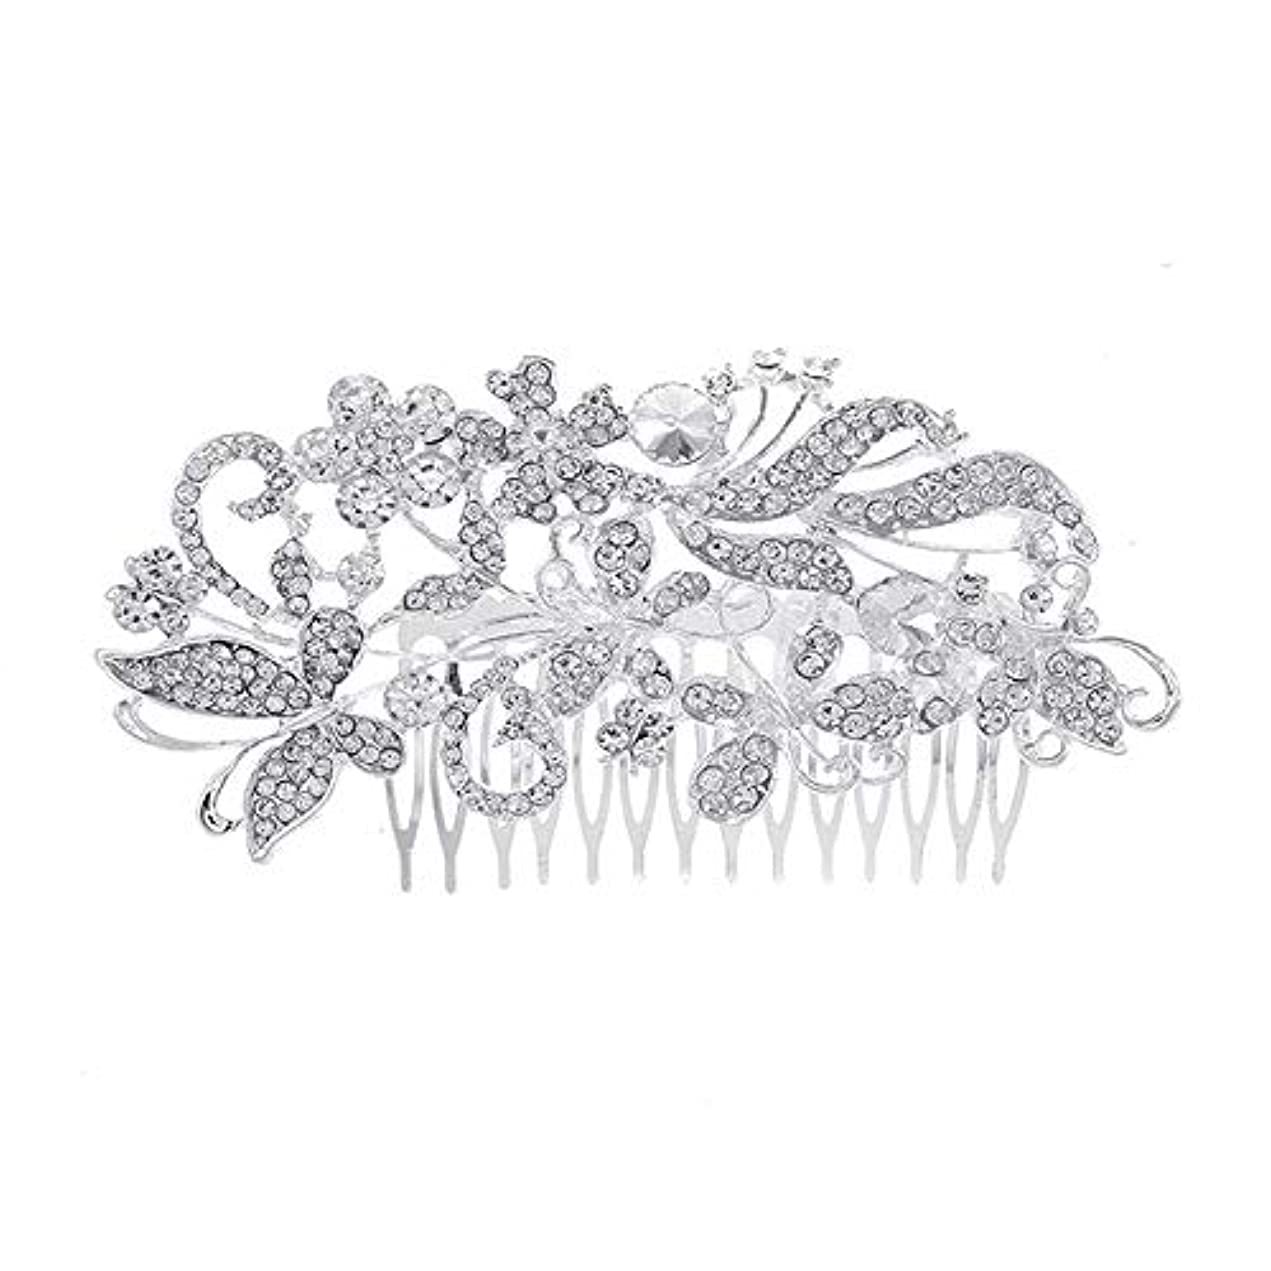 住所満員変数髪の櫛、櫛、花嫁の髪の櫛、亜鉛合金、結婚式のアクセサリー、櫛